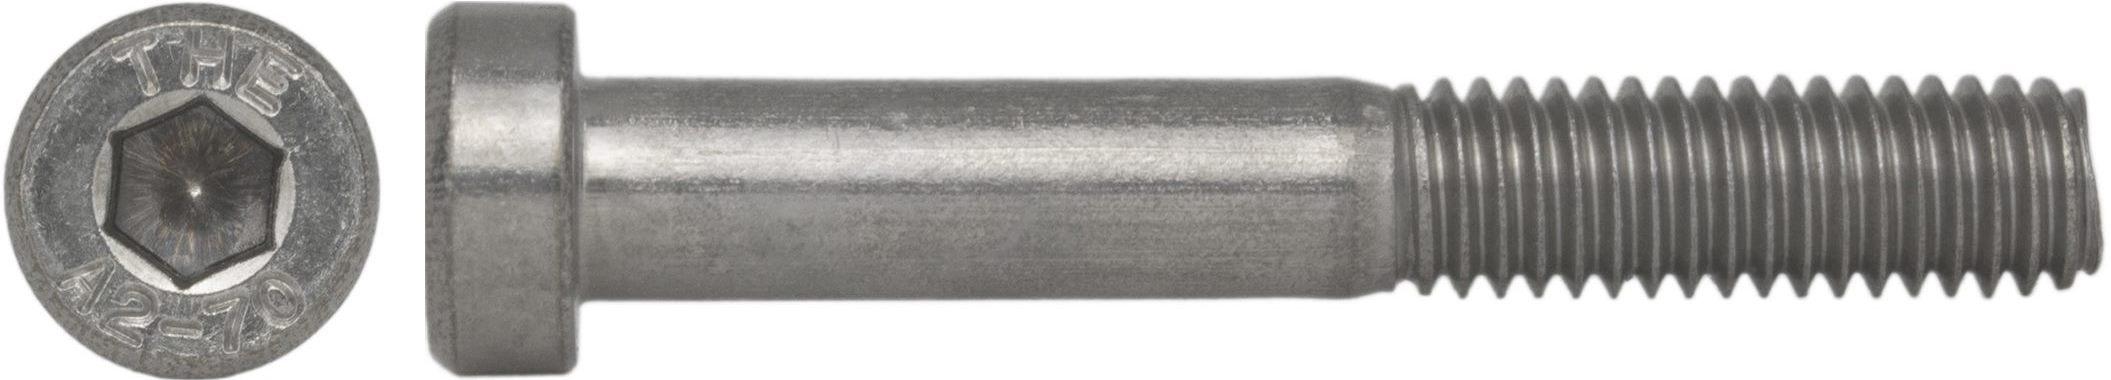 Zylinderschrauben niedrig M10 x 70 Edelstahl A2 DIN 6912 Innensechskant 10 Stk